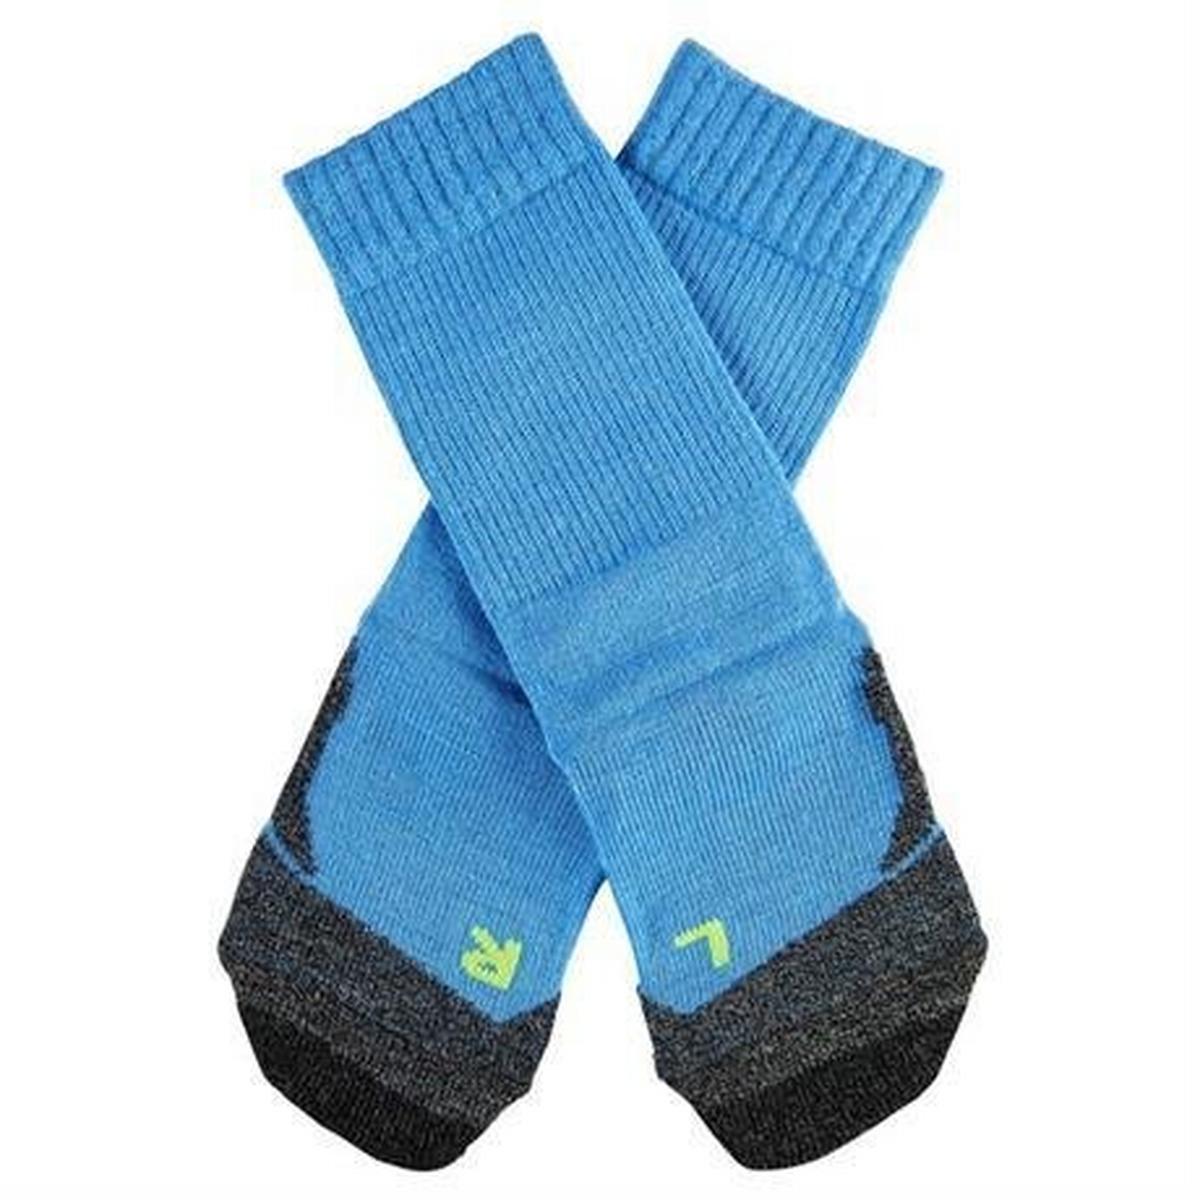 Falke Kids HIKING Socks Falke TK2 - Blue